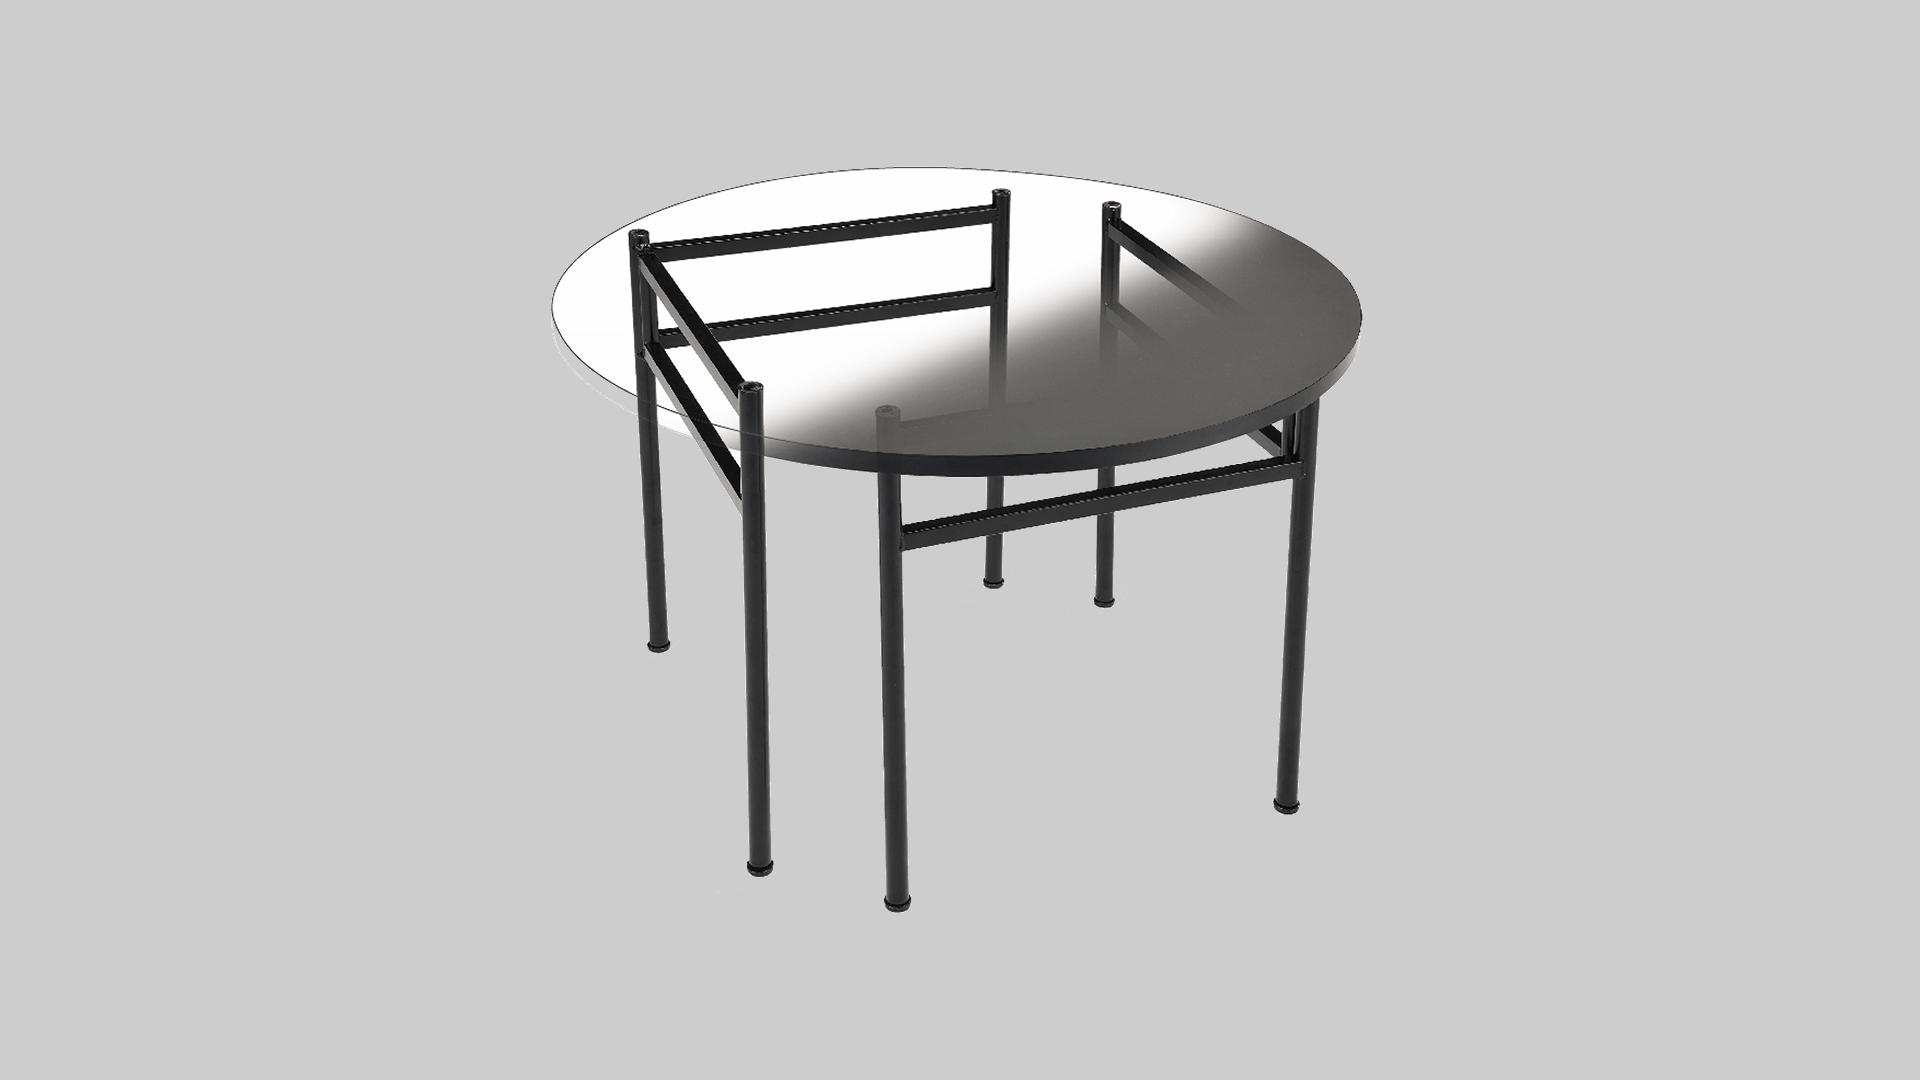 スプレッドテーブル03 イメージ